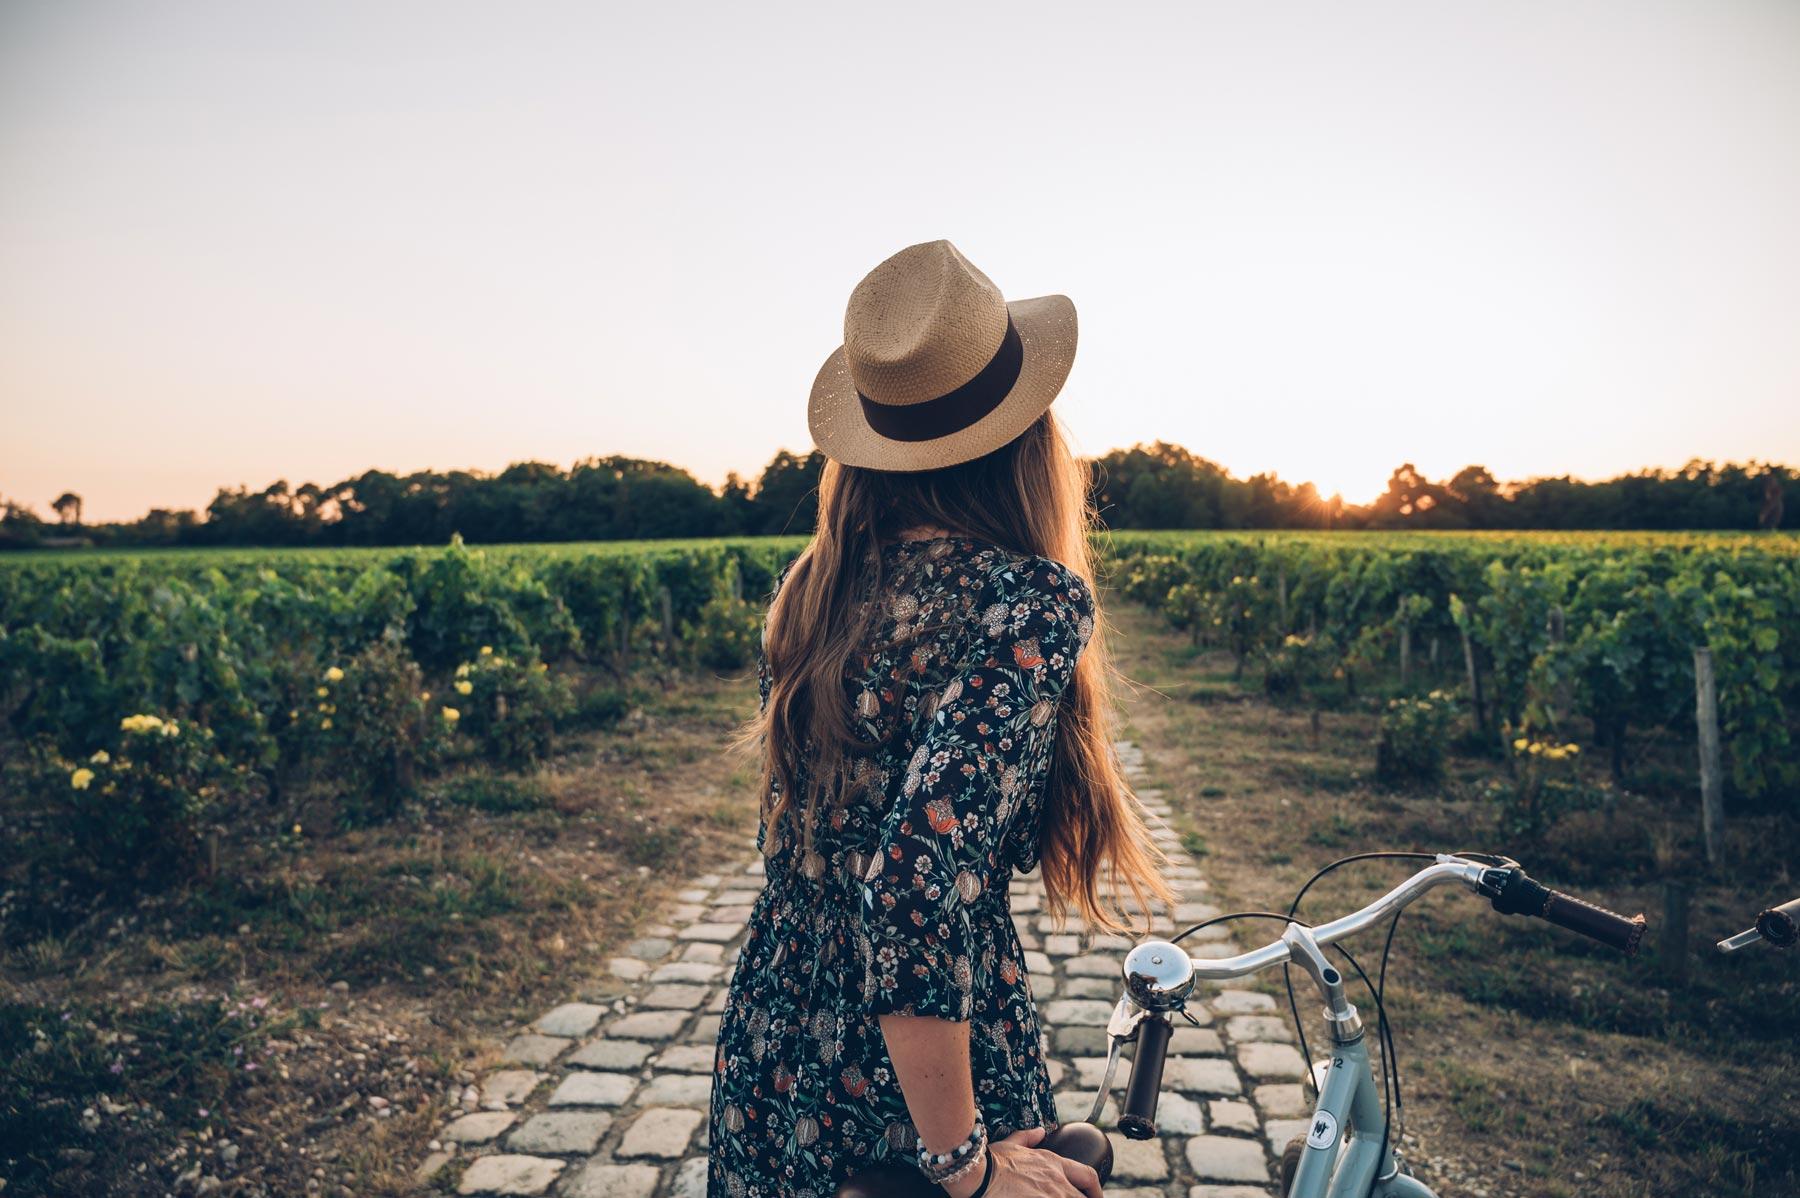 Balade dans les vignes près de Bordeaux